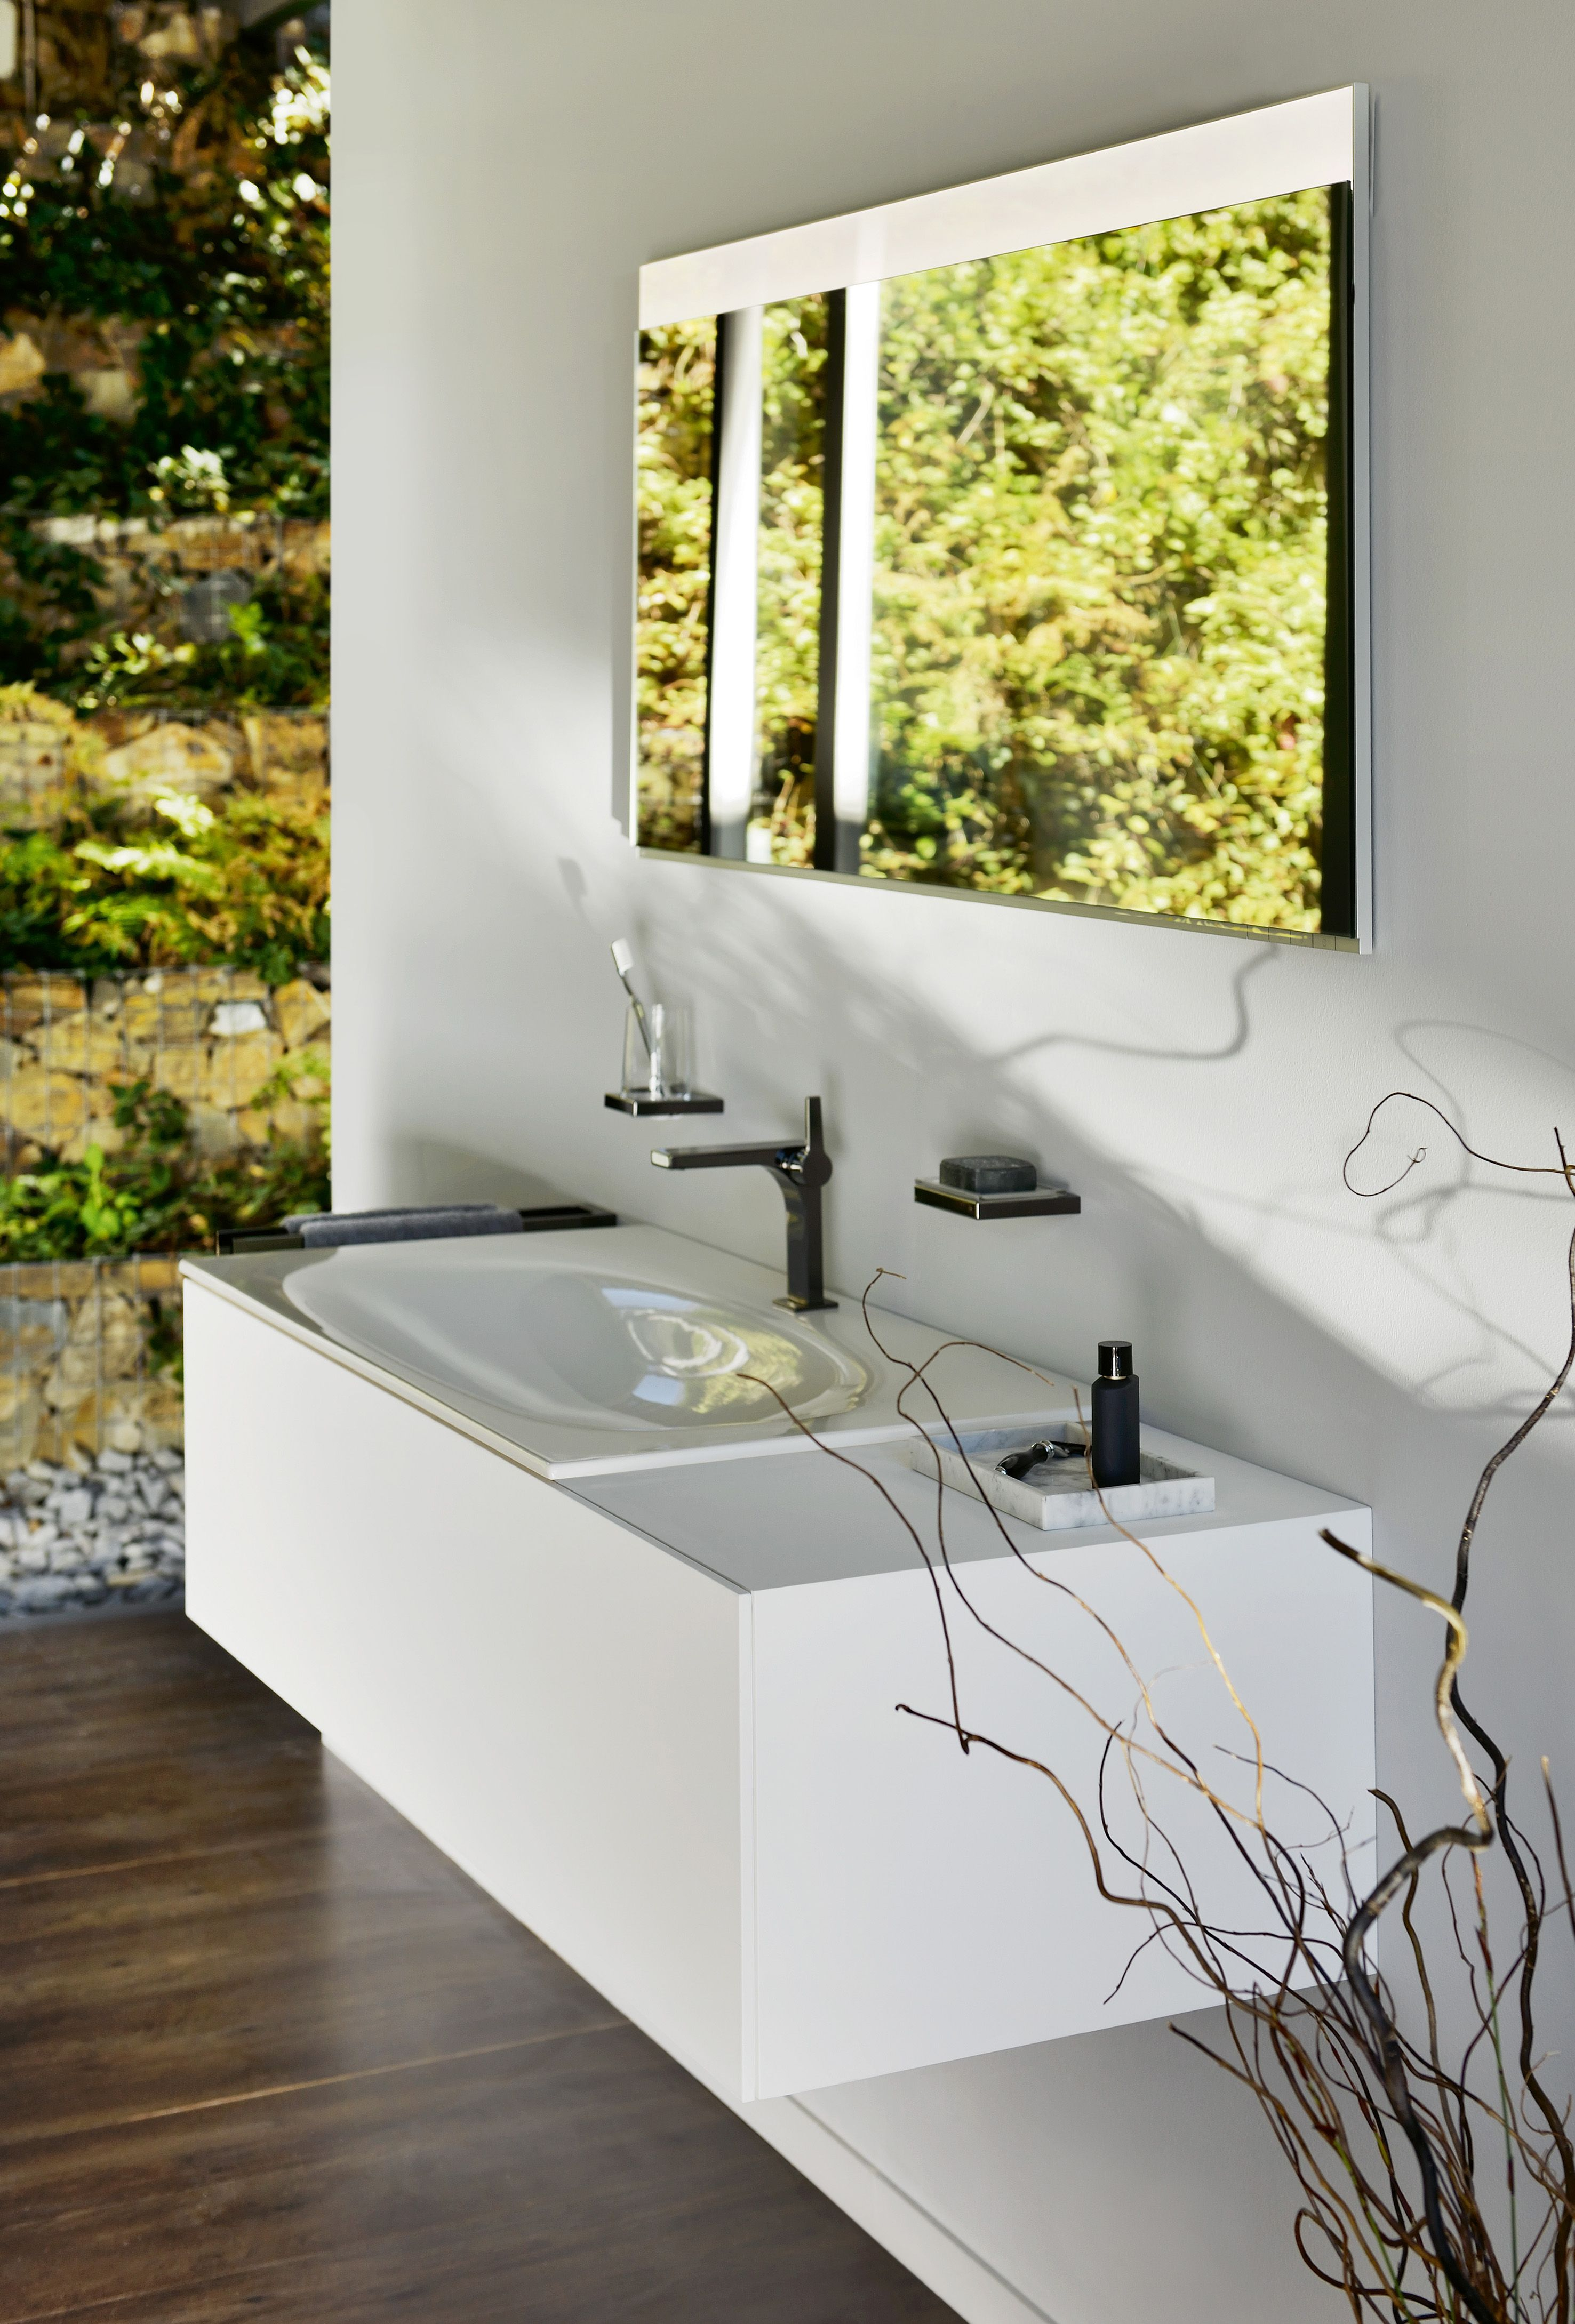 Superbe Neues Badezimmer? So Behältst Du Die Kosten Im Griff. Ideen, Tipps Und  Inspiration